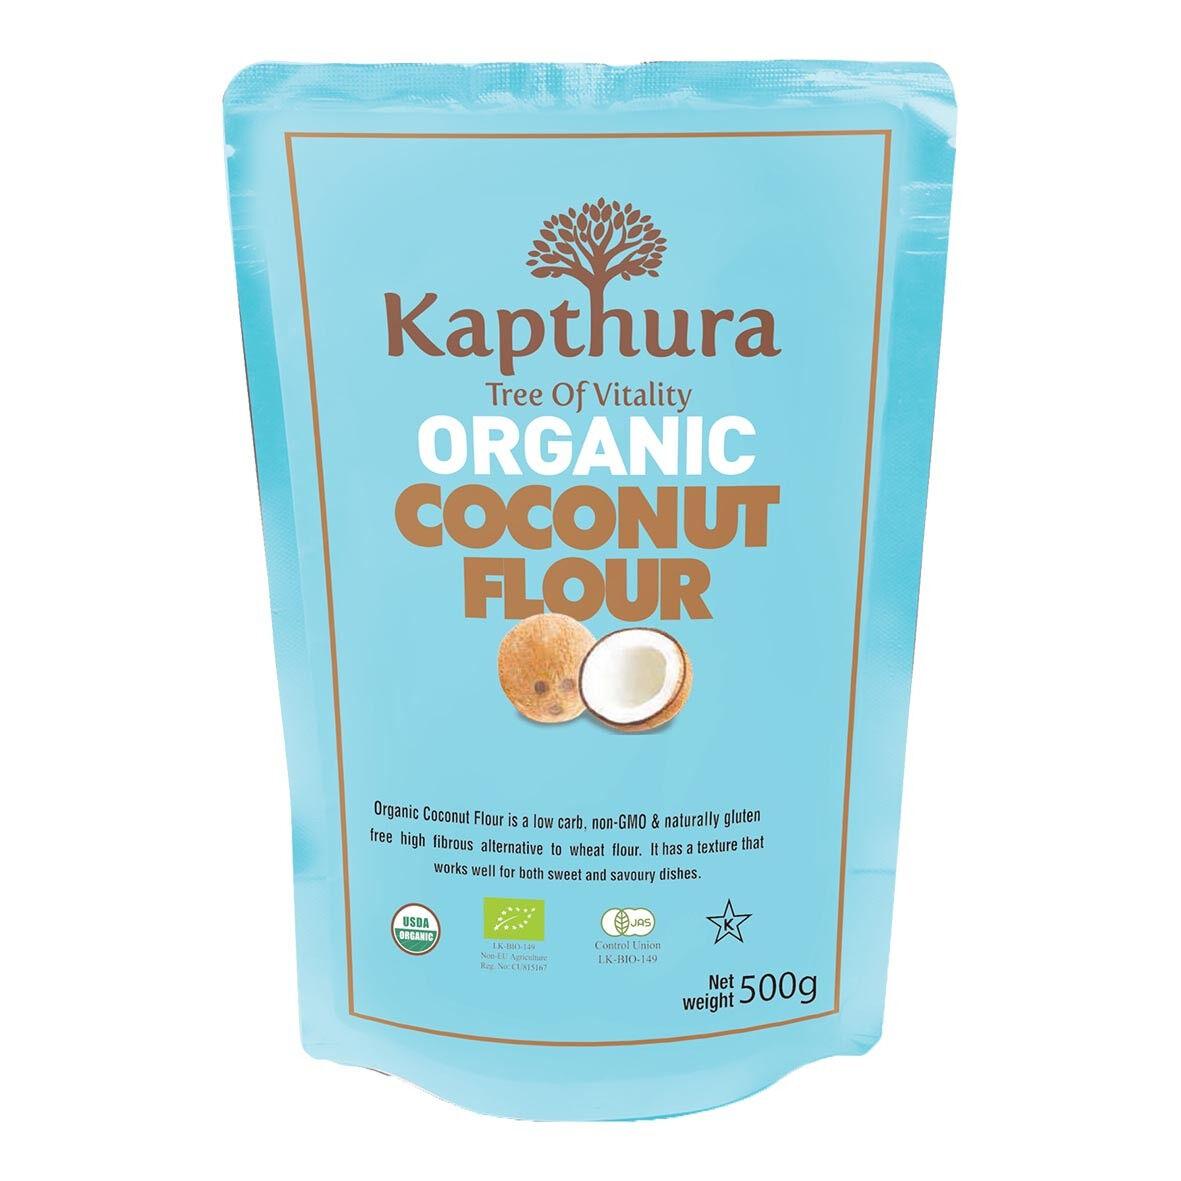 Lechoppebio Farine de Noix de Coco Bio 500g - Kapthura